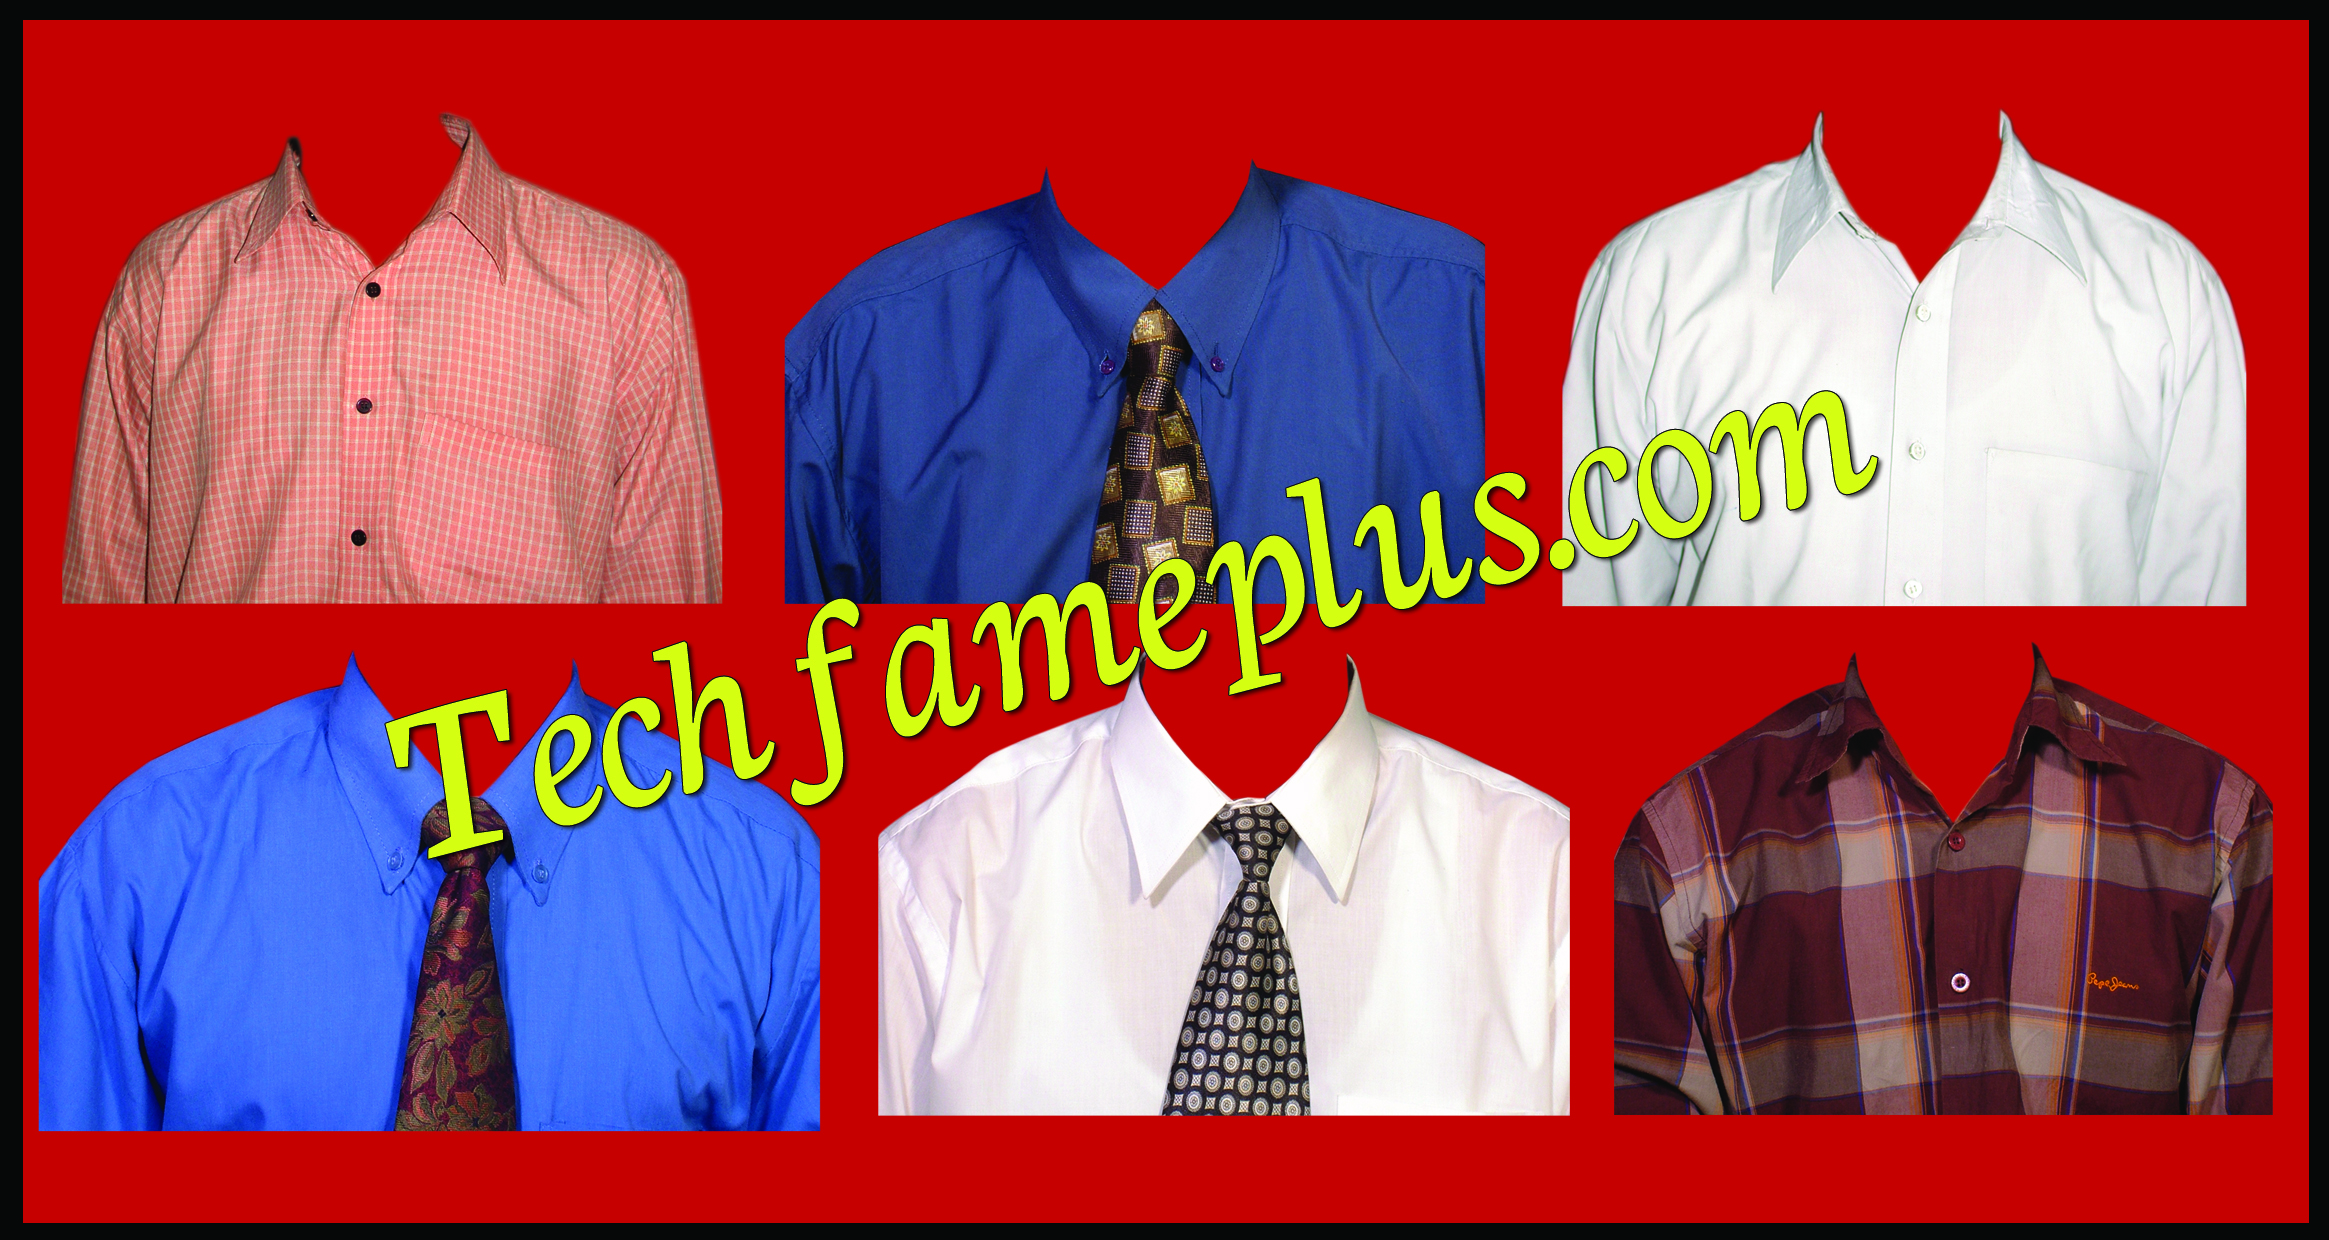 Shirts Pass Port Photo PSD design techfameplus.com